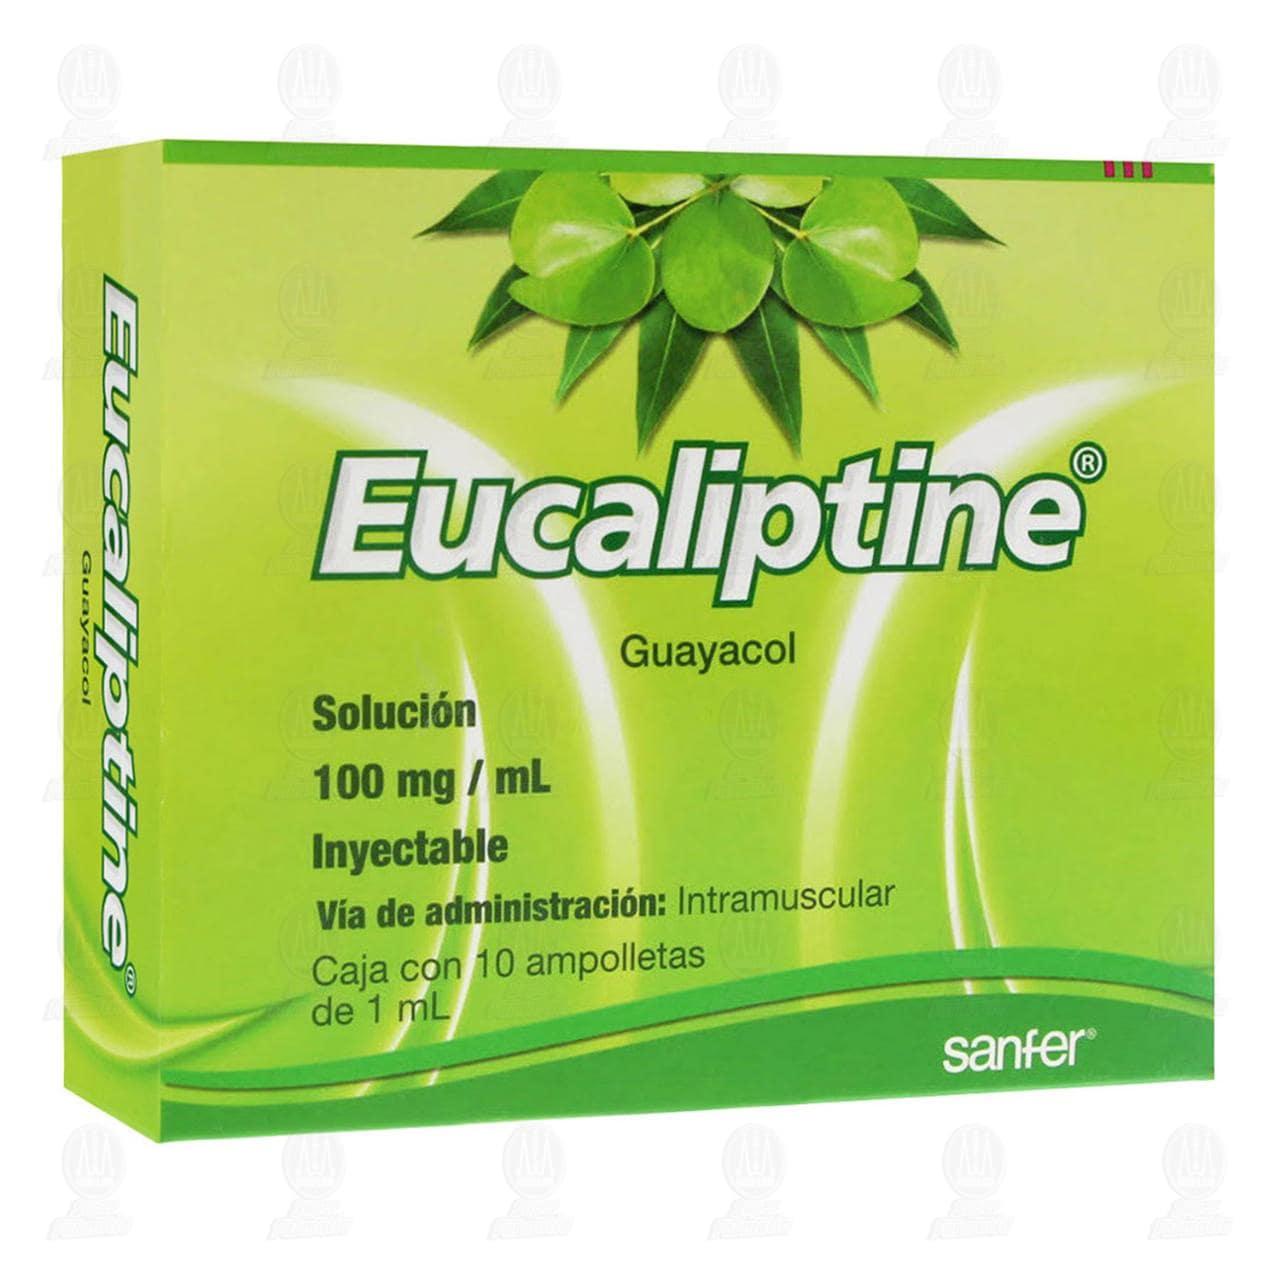 Comprar Eucaliptine 100mg Solución Inyectable 10 Ampolletas en Farmacias Guadalajara